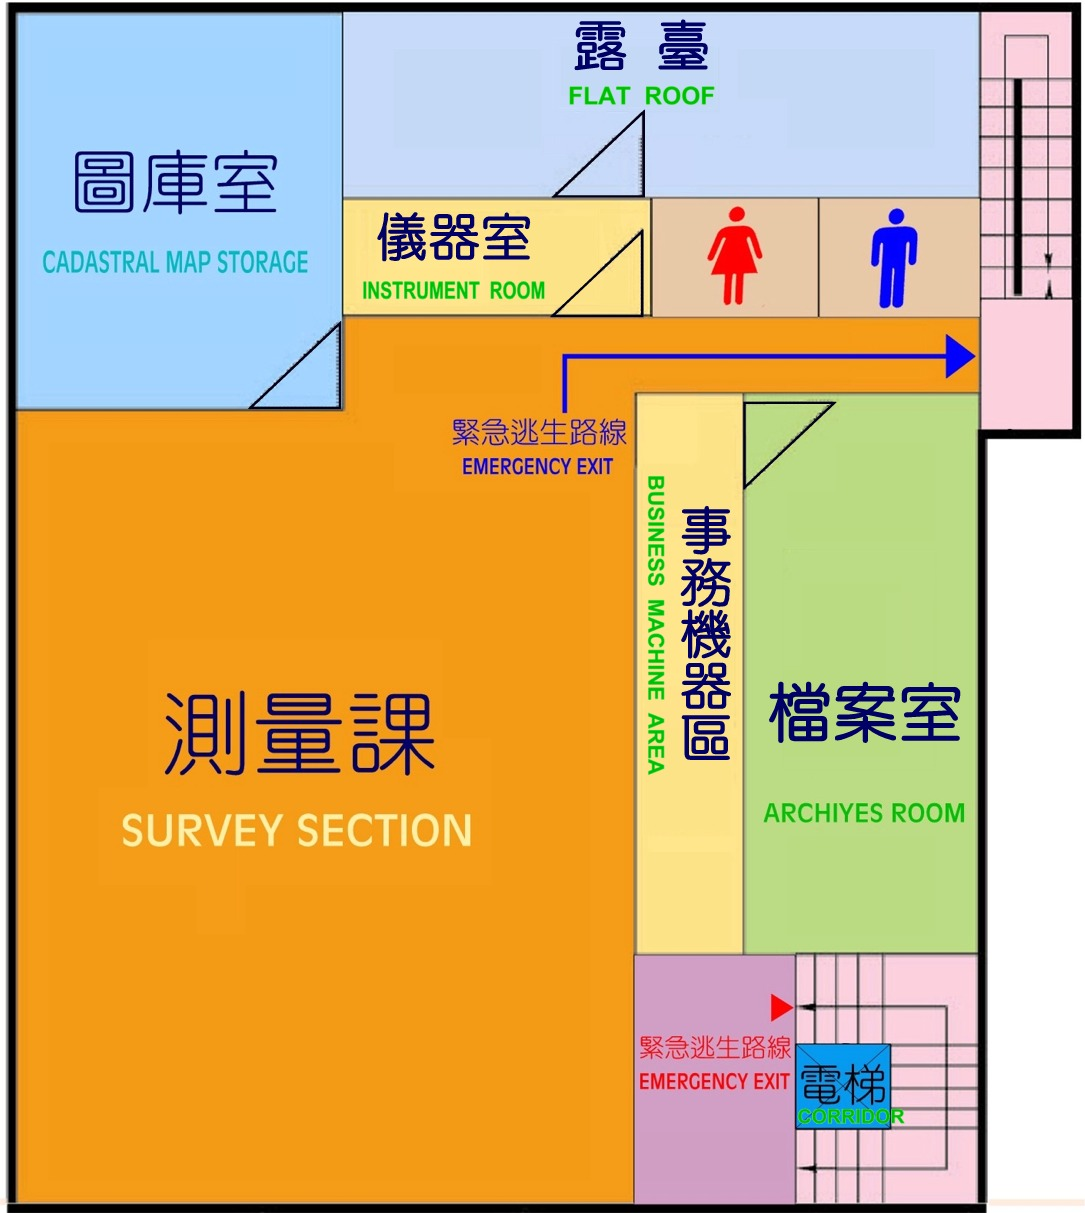 四樓平面圖,本所四樓設有測量課及測量圖庫室、檔案室